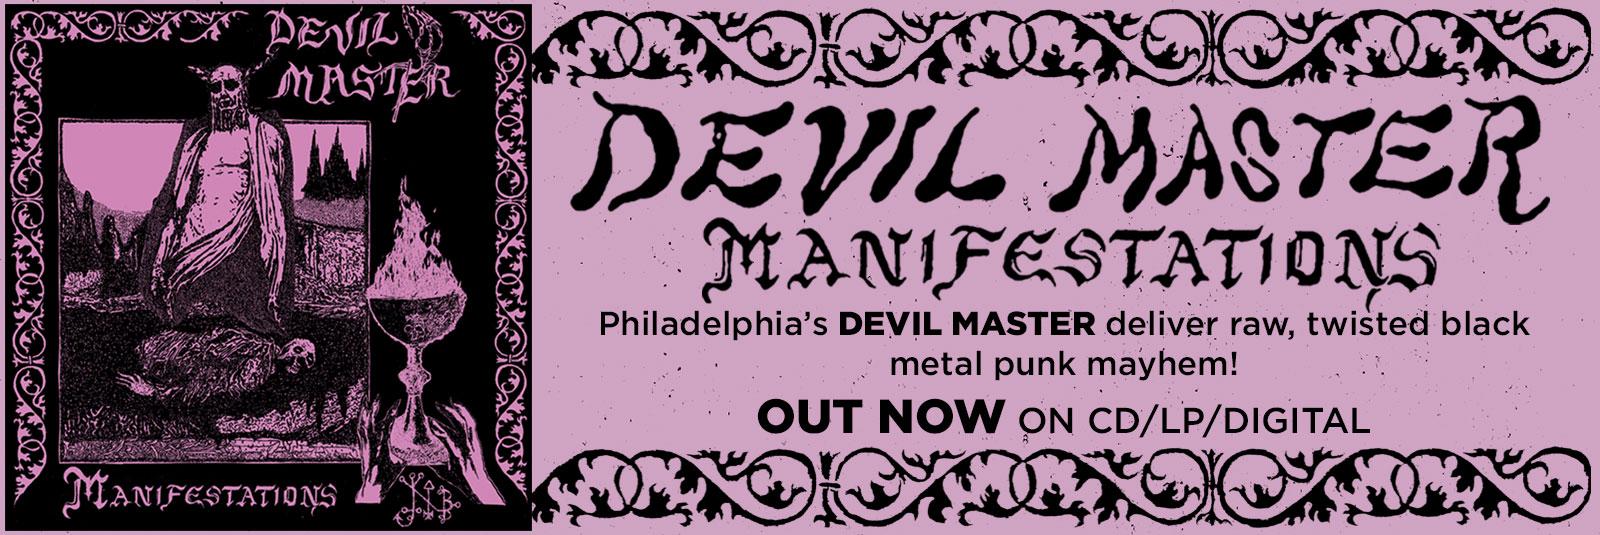 devil-master-manifestations-black-metal-crust-punk-november-2